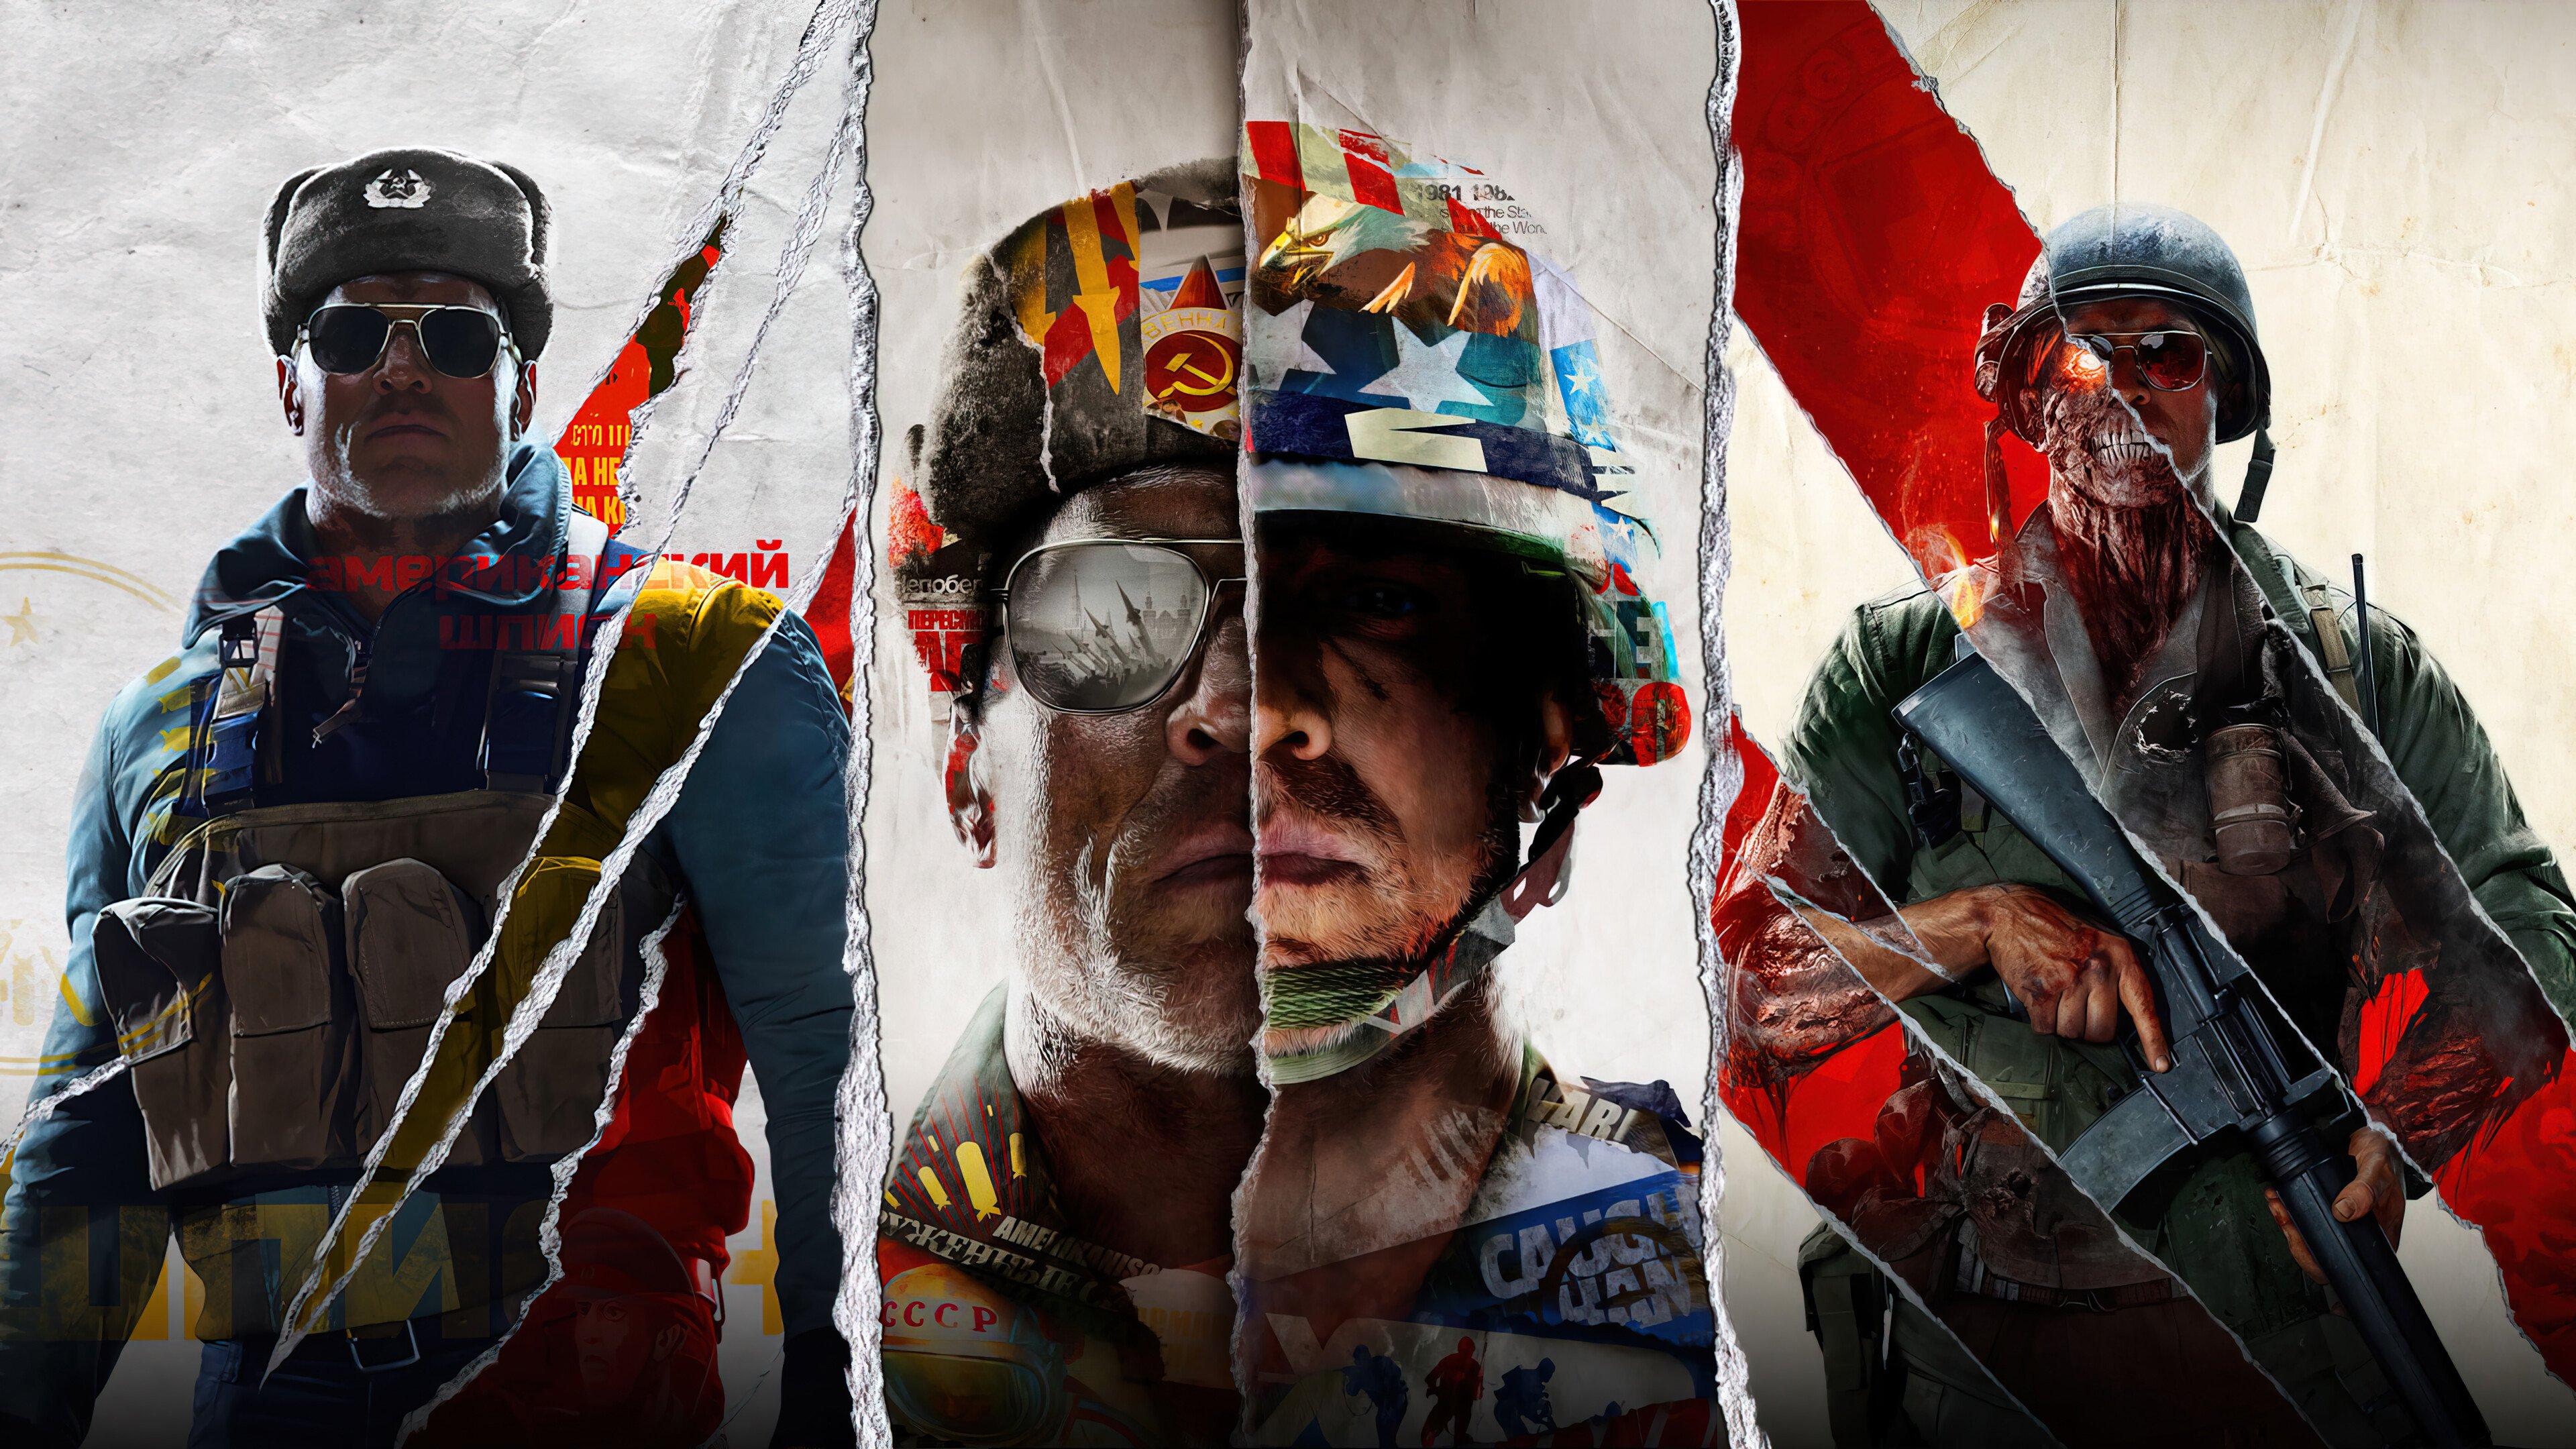 Fondos de pantalla Call of Duty Black Ops Cold War 2021